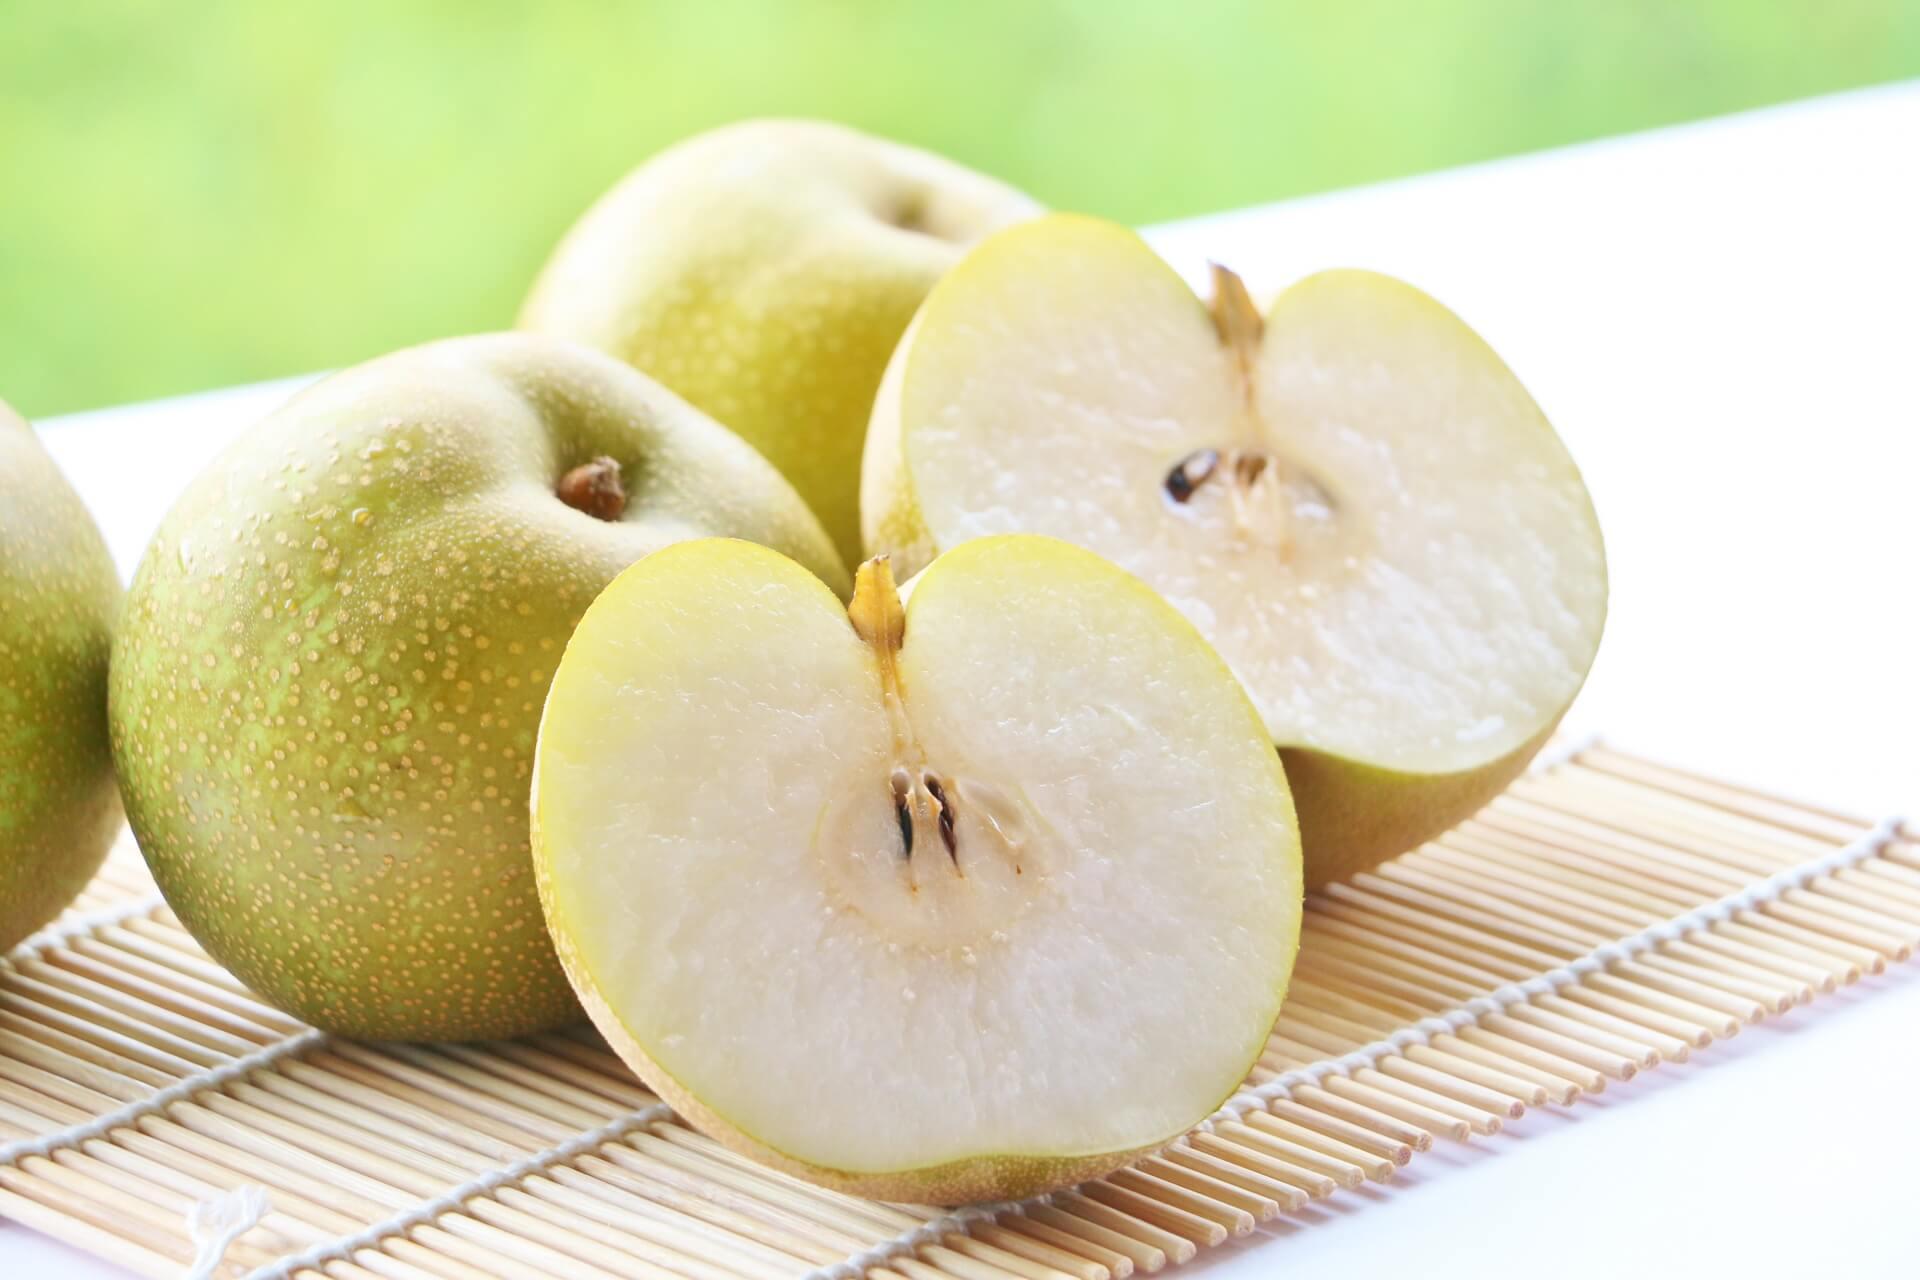 7月4日は梨の日